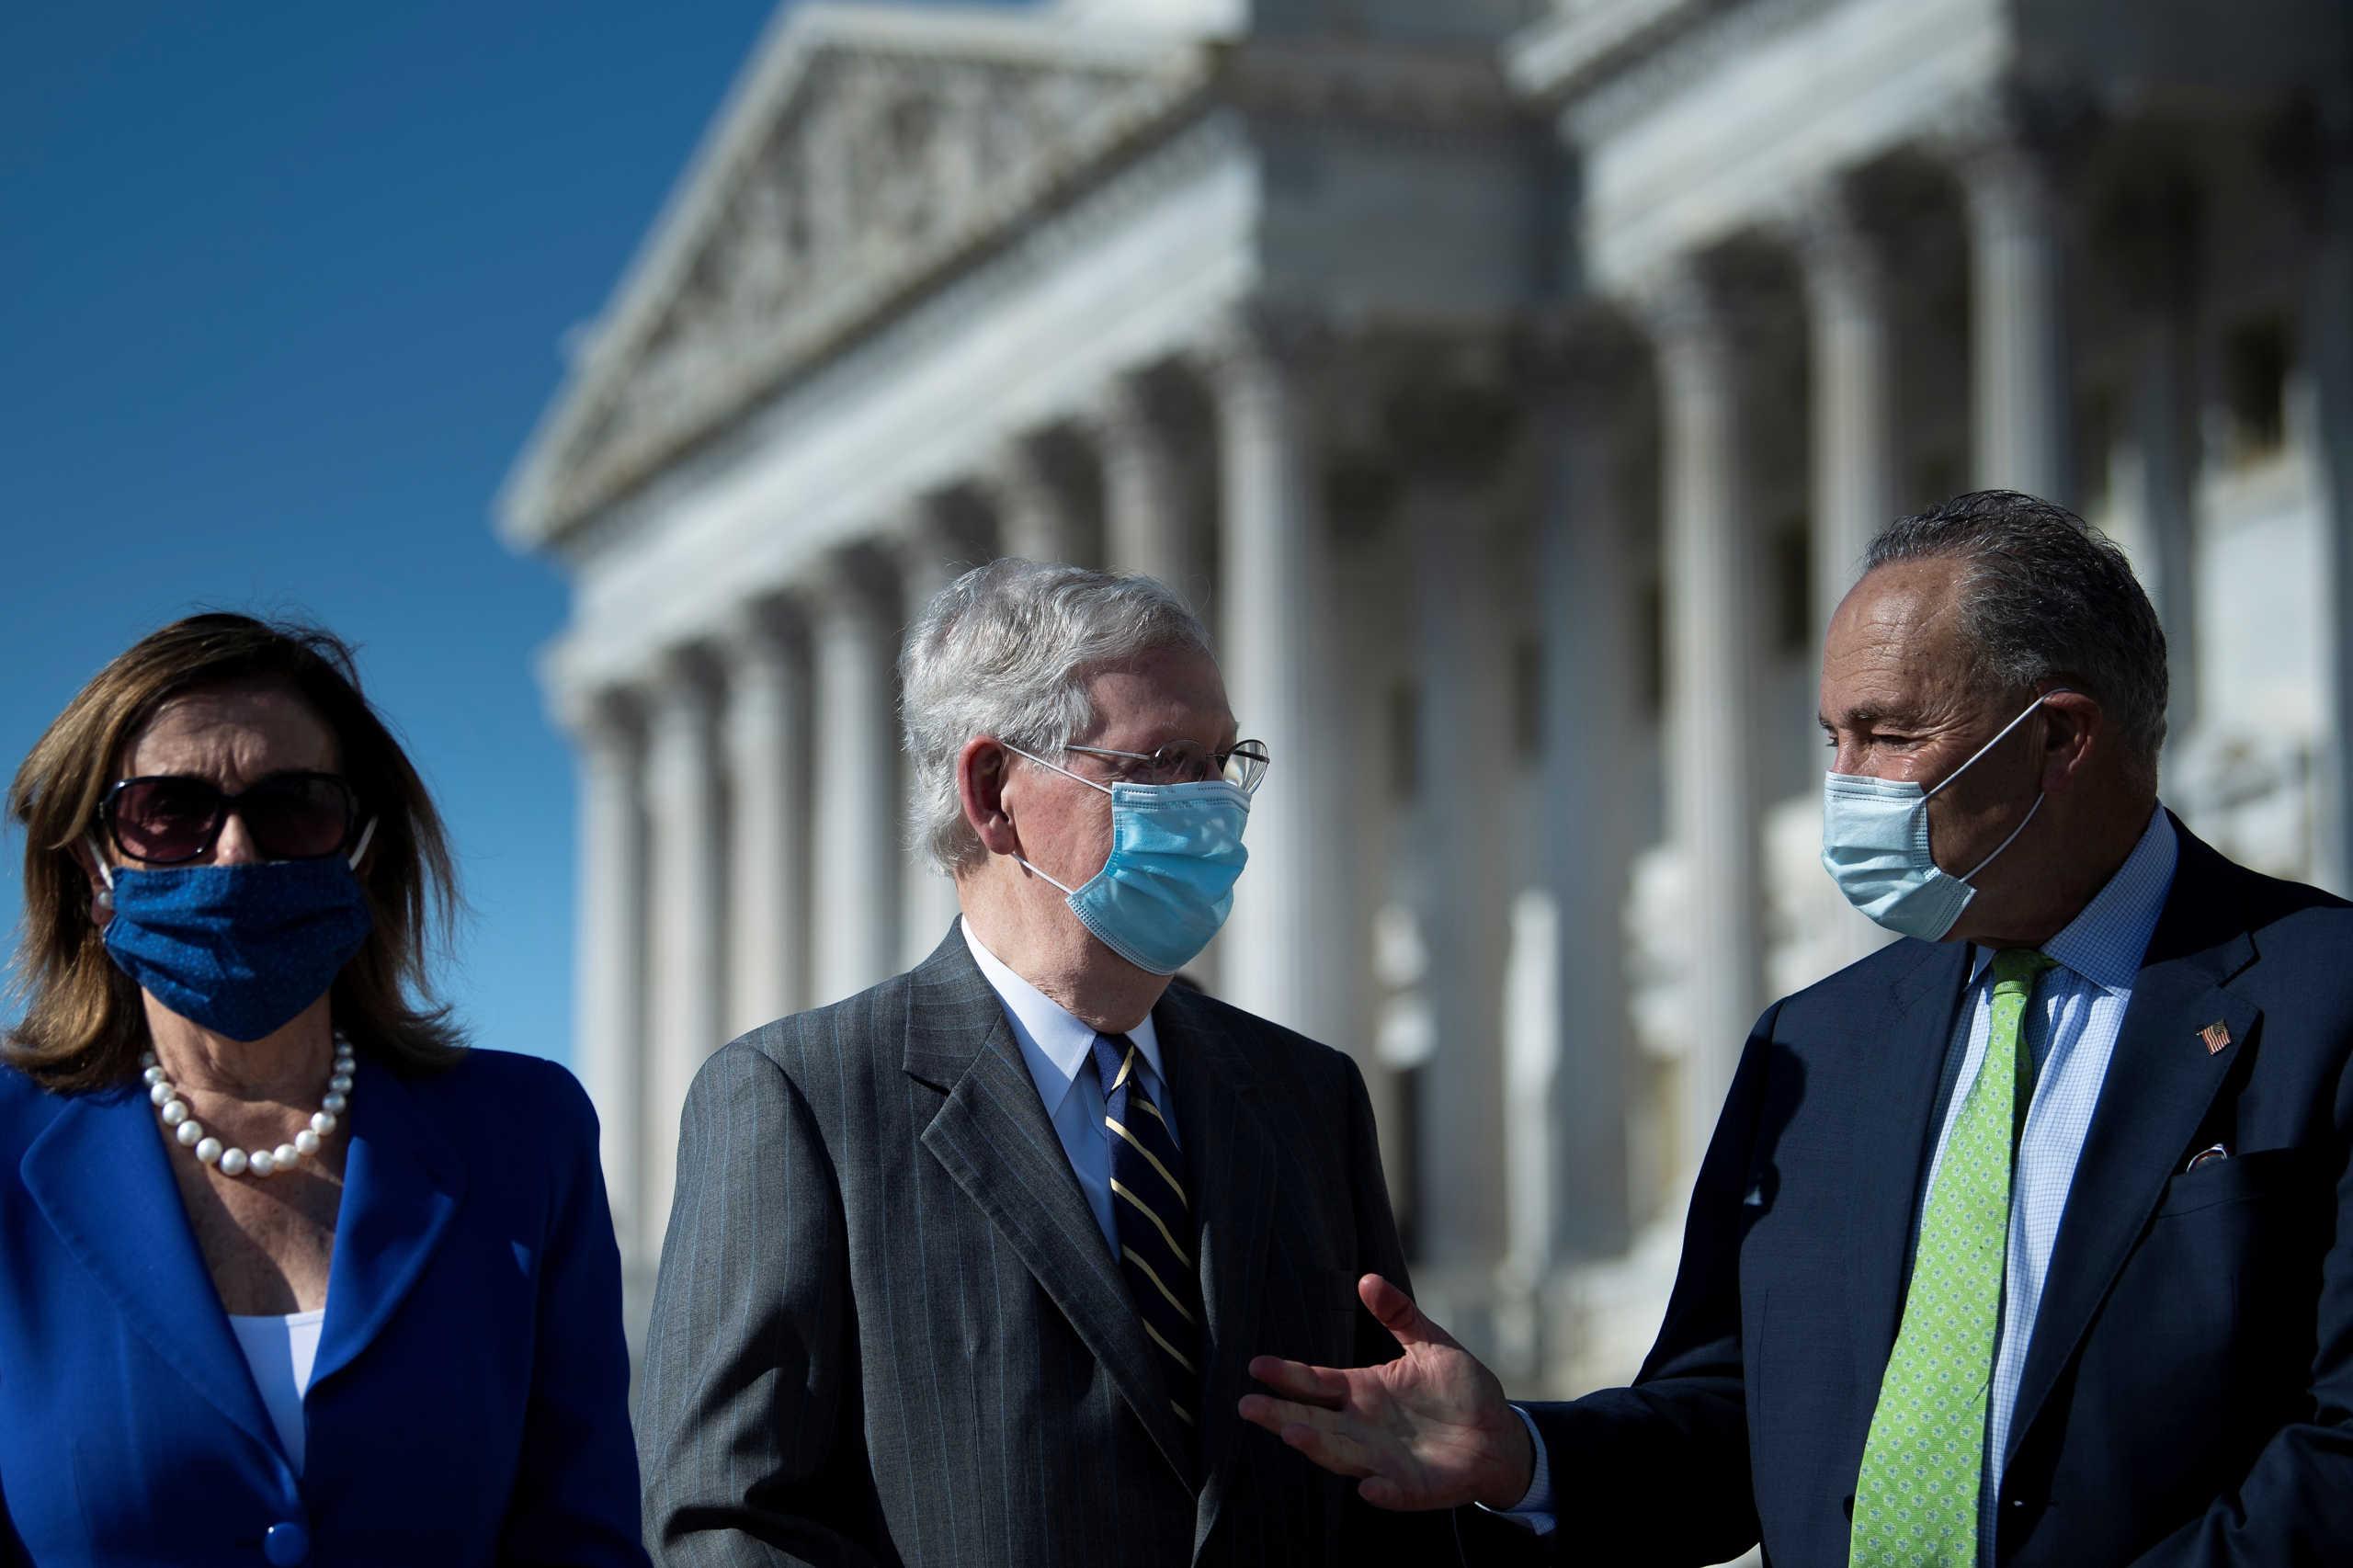 Συναγερμός στο Κογκρέσο: 13 κρούσματα και η Πελόζι διέταξε… υποχρεωτική μάσκα